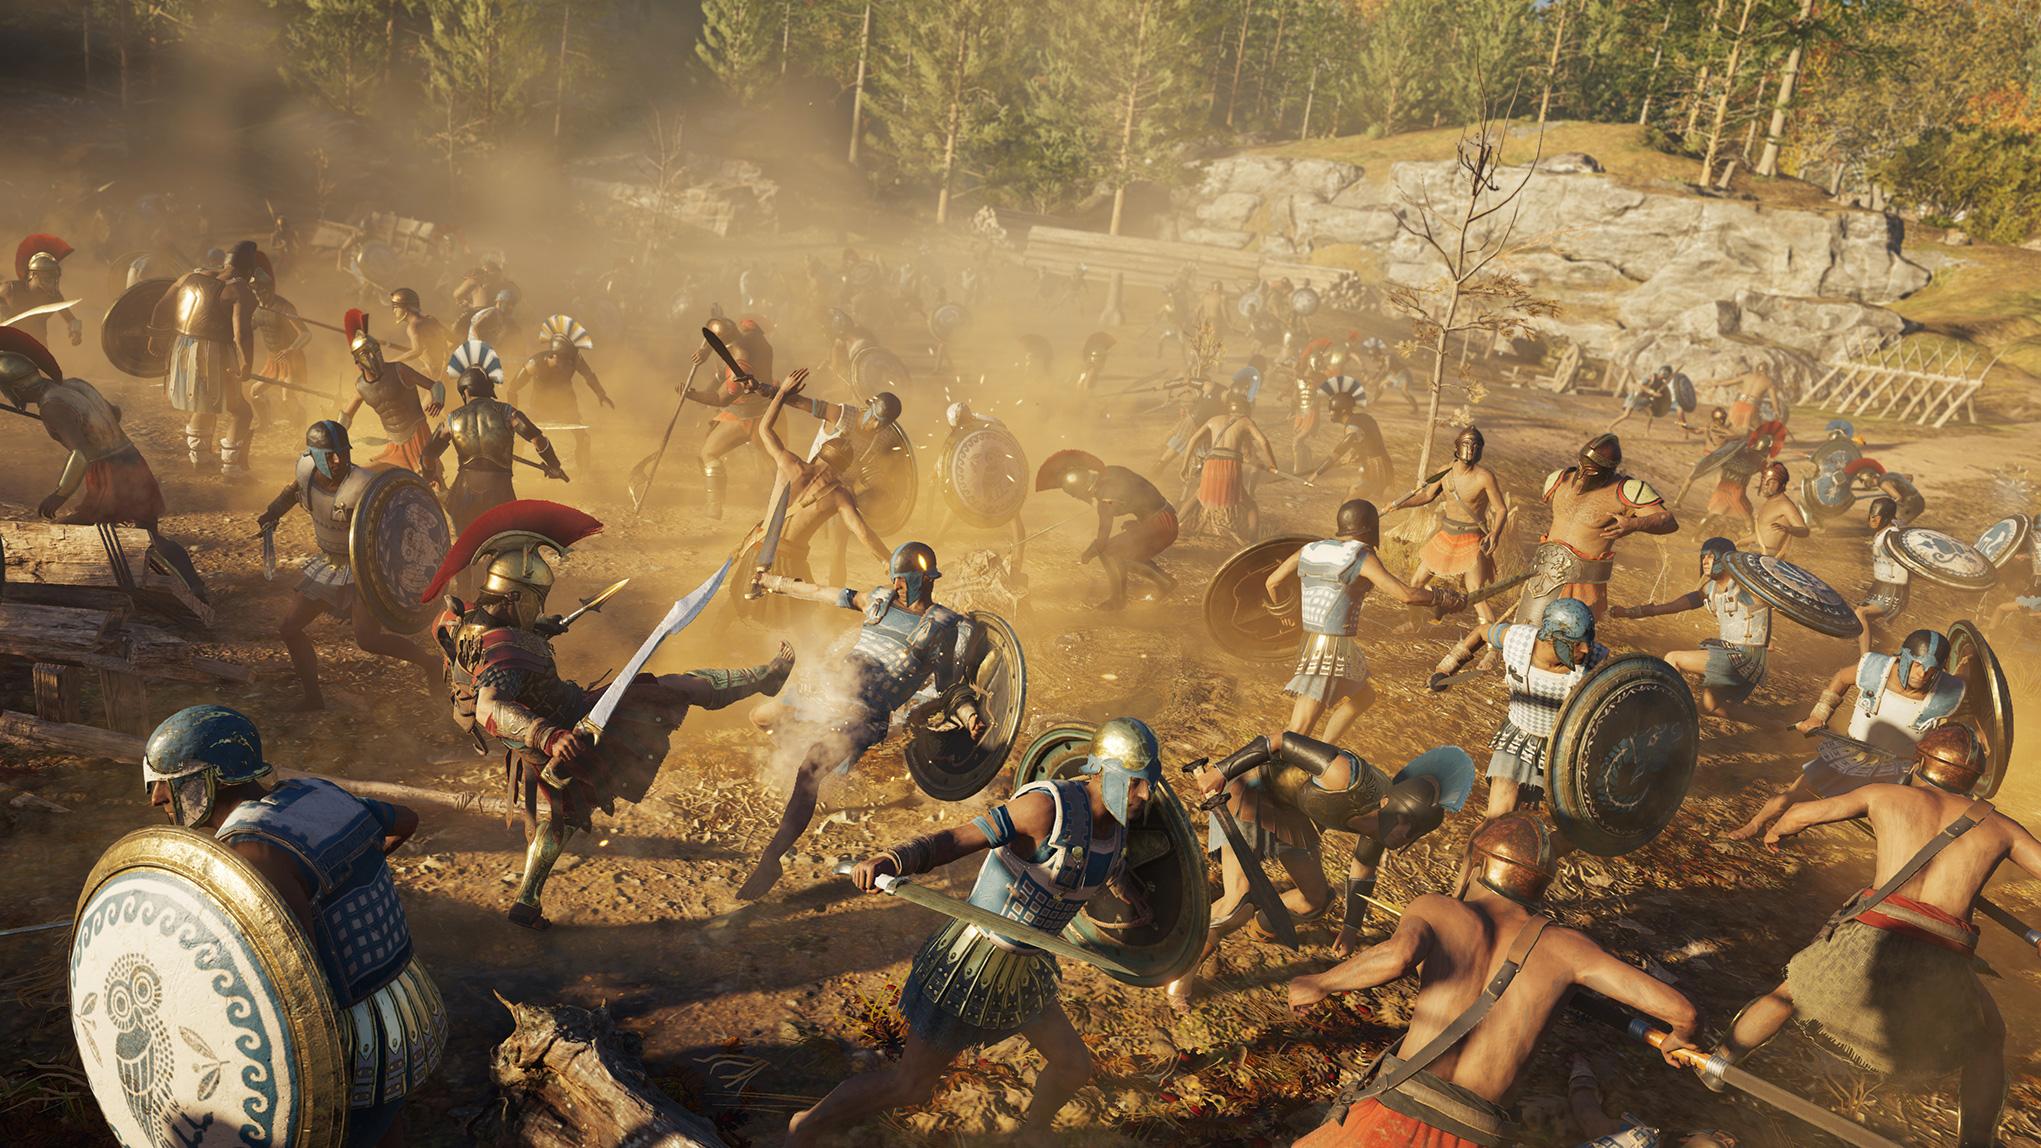 """Kommen in """"Odyssey"""" häufiger vor als in anderen Serien-Teilen: Massenschlachten. Um die kriegerischen Konflikte in Gang zu bringen, muss man das zu erobernde Gebiet zuerst destabilisieren und dann seinen Anführer meucheln."""